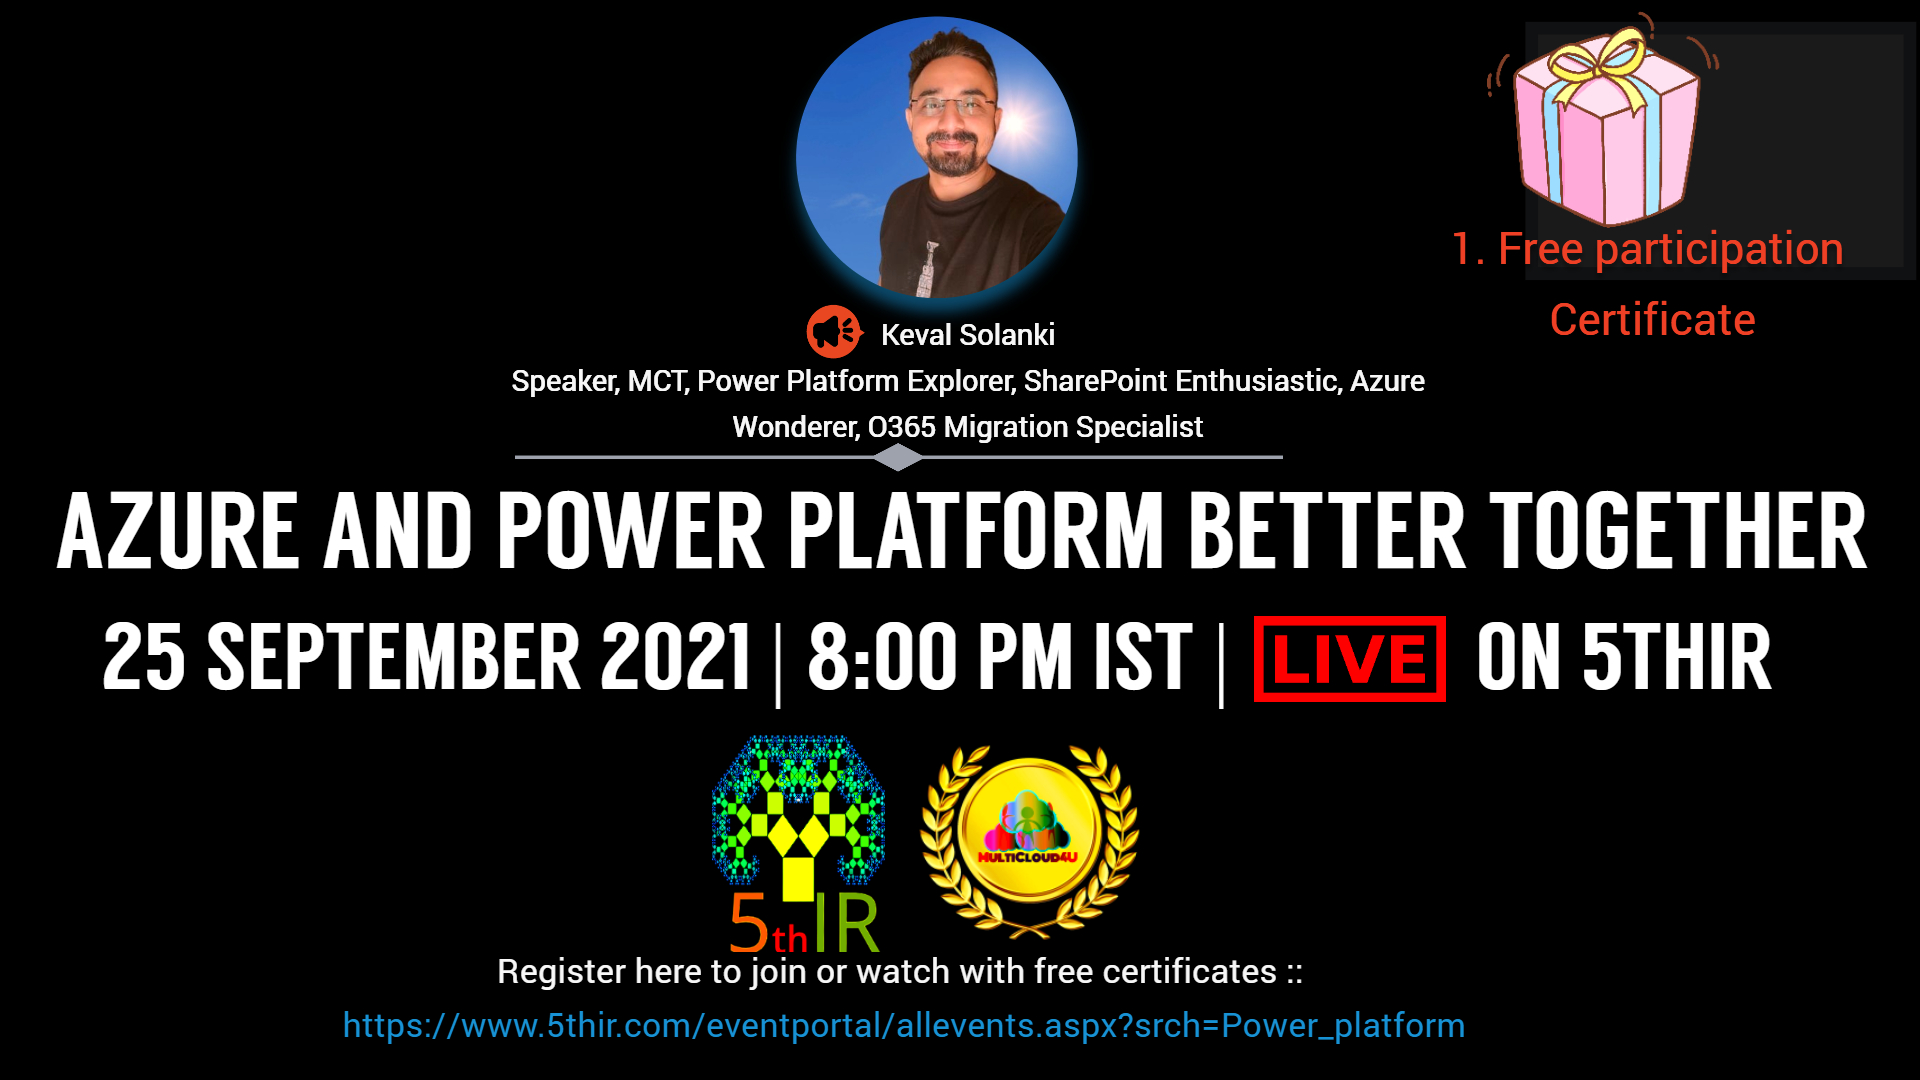 Azure and Power Platform better together